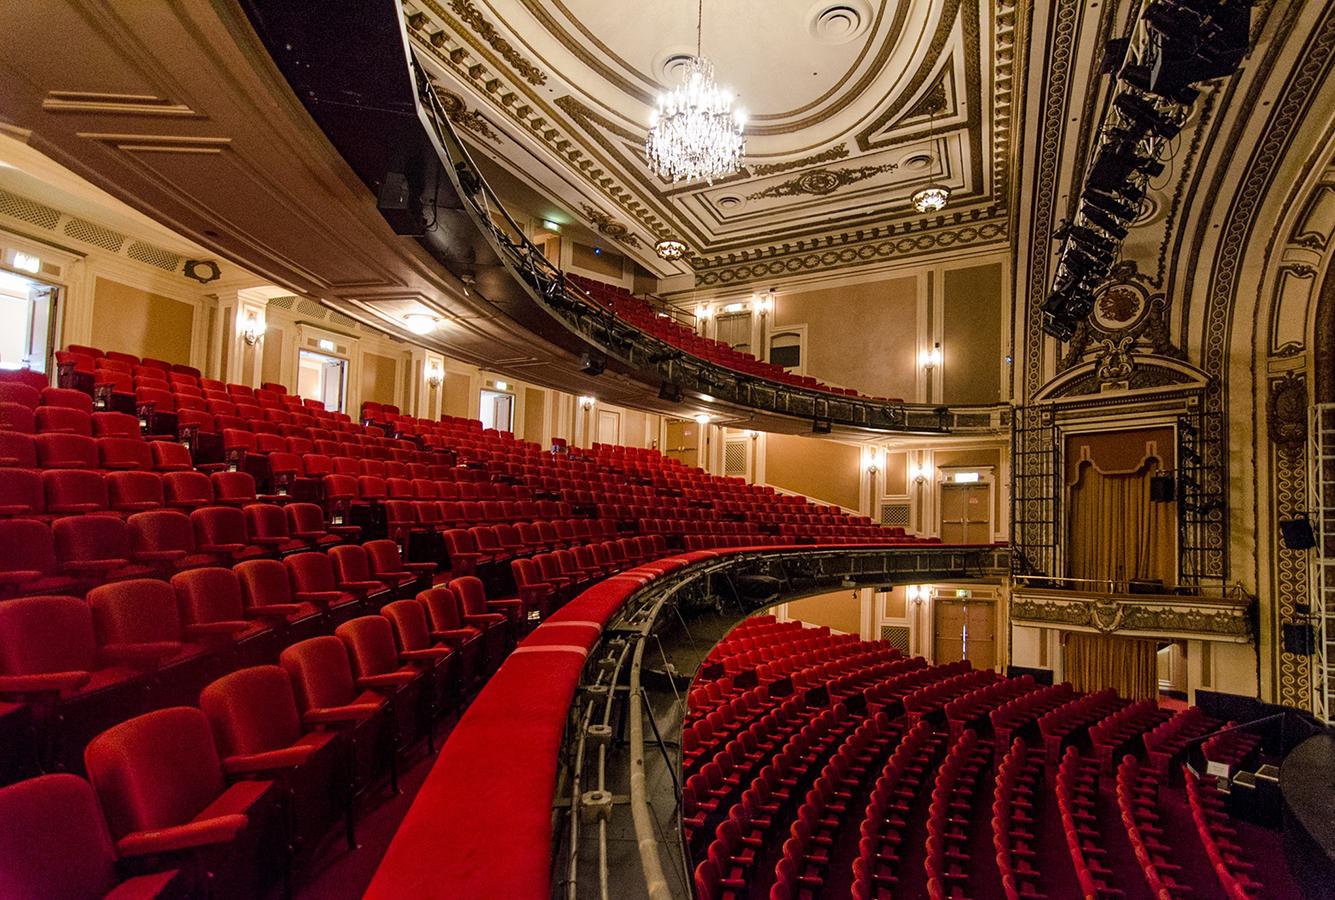 Merle Reskin Theatre.